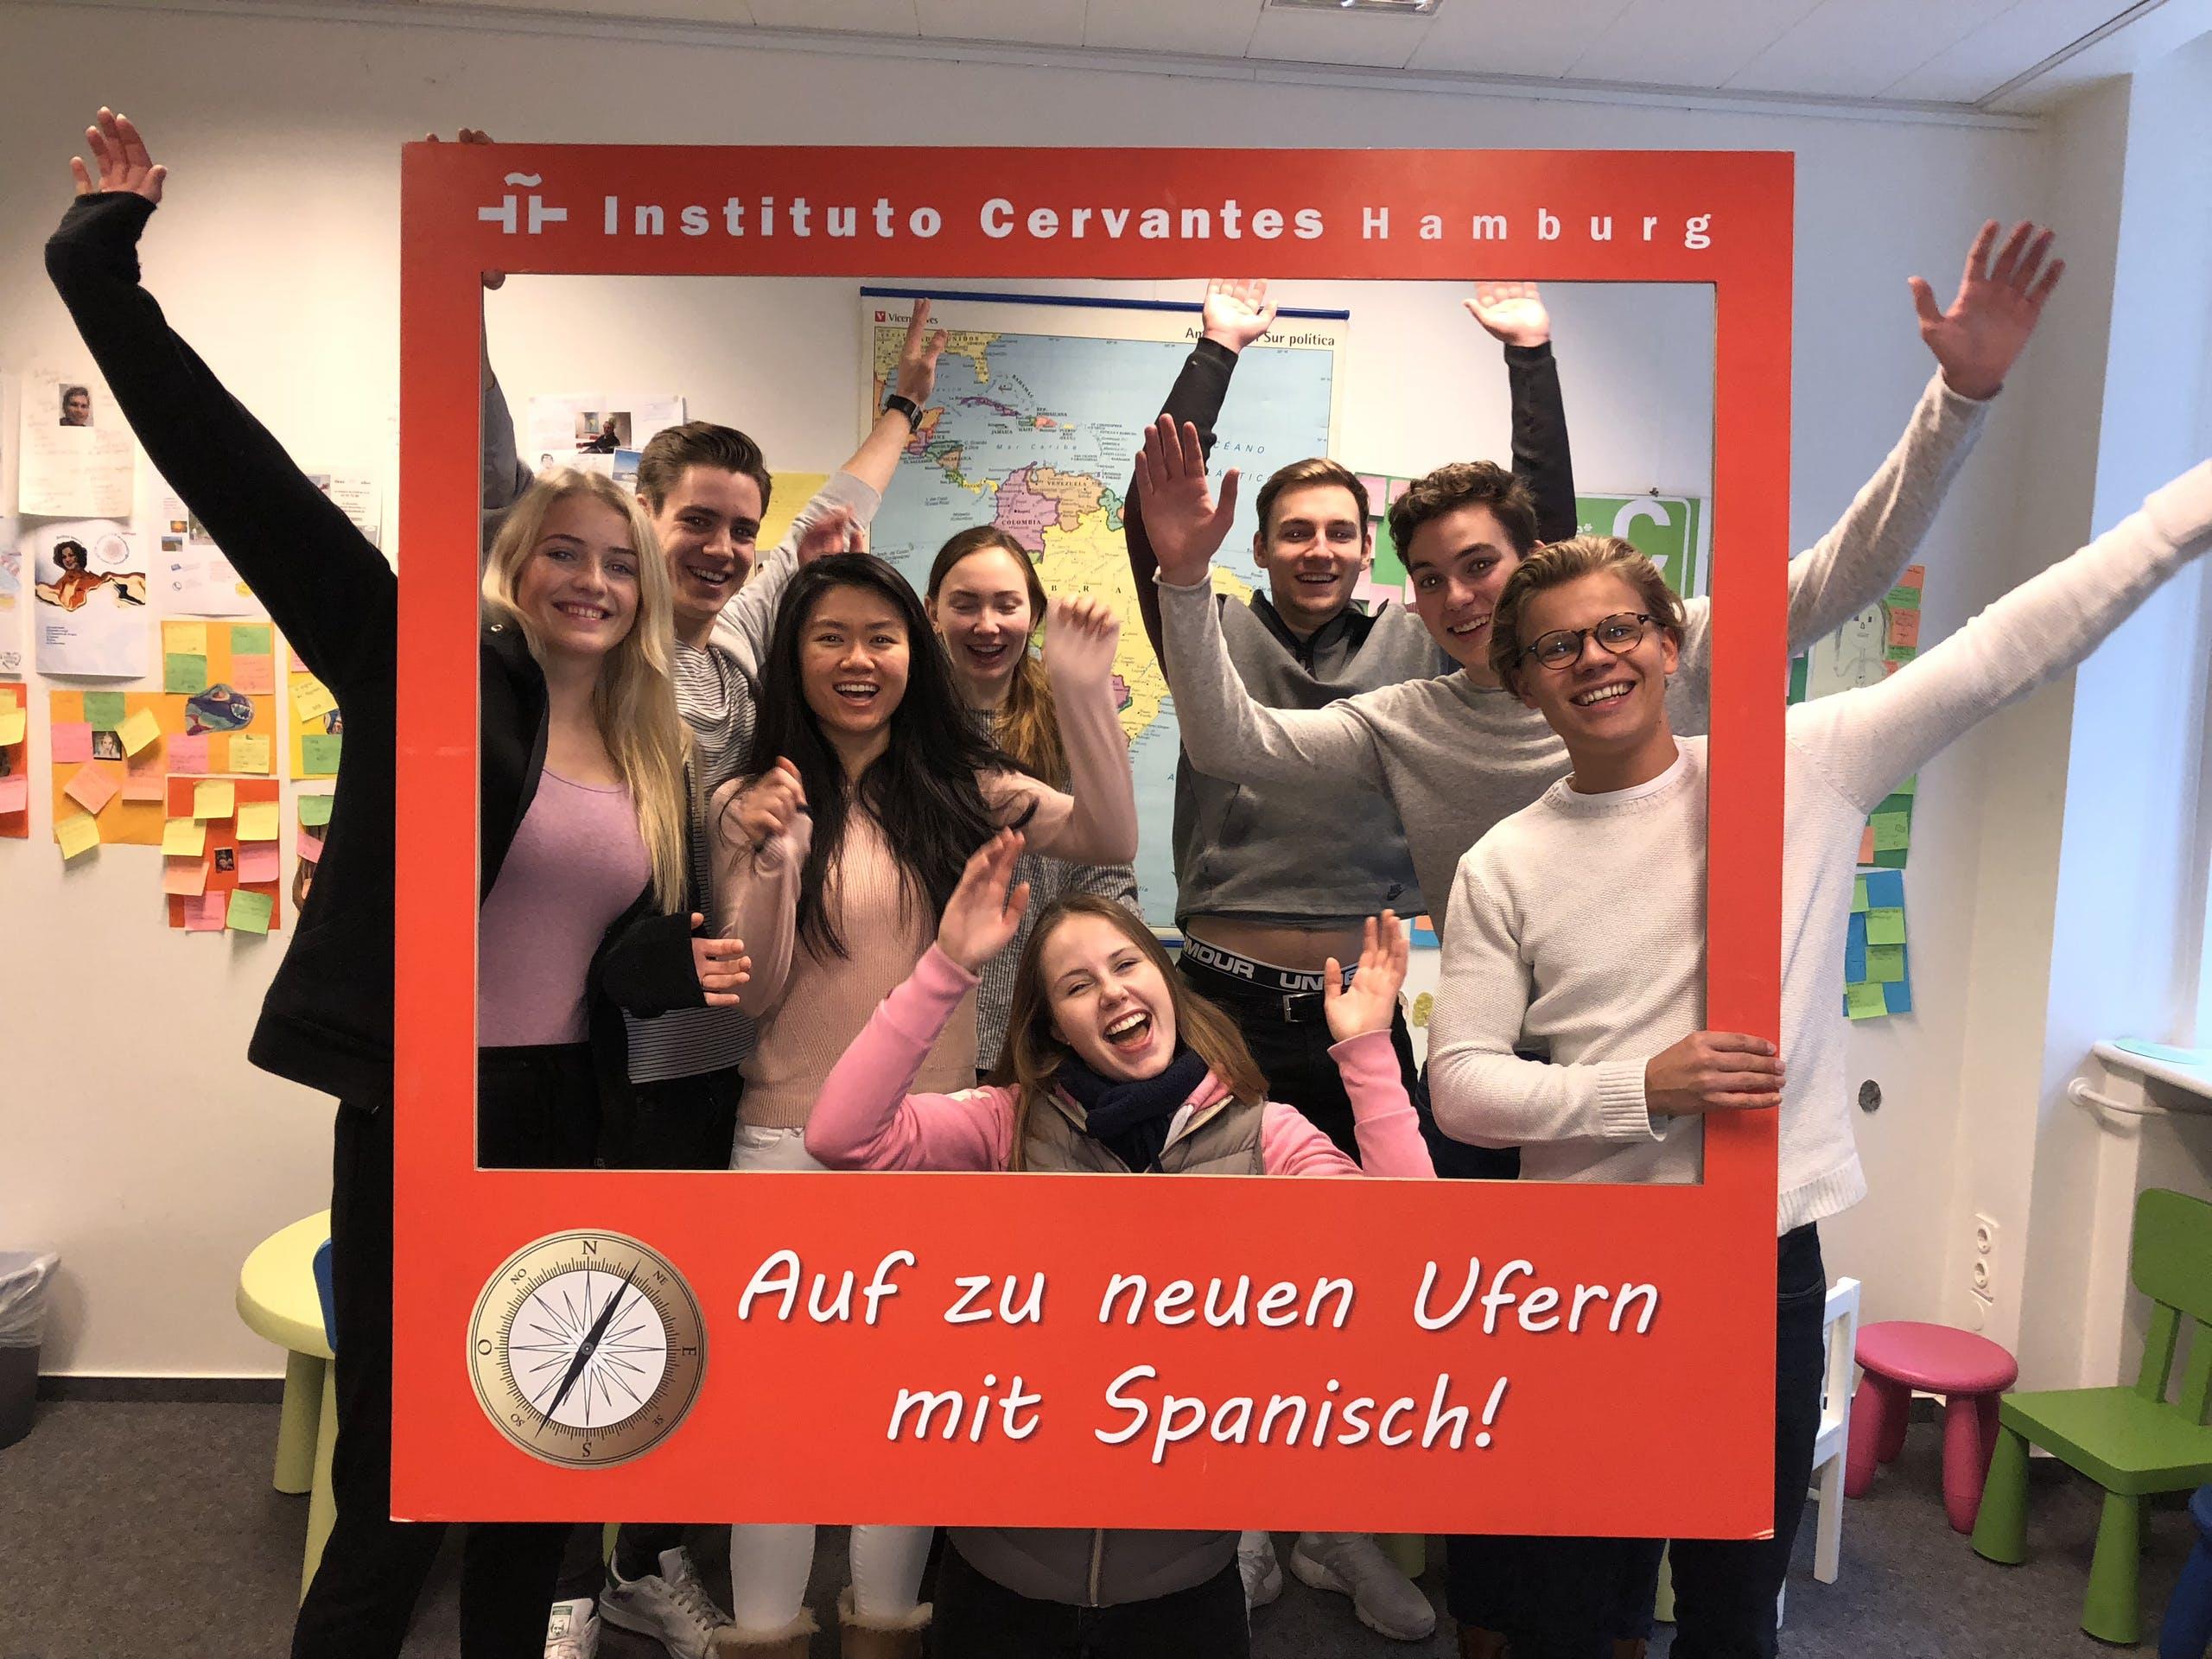 Ho! Ho! Ho! 🎅 Es gibt 3 Spanischkurse im Instituto Cervantes zu gewinnen! 🇪🇸